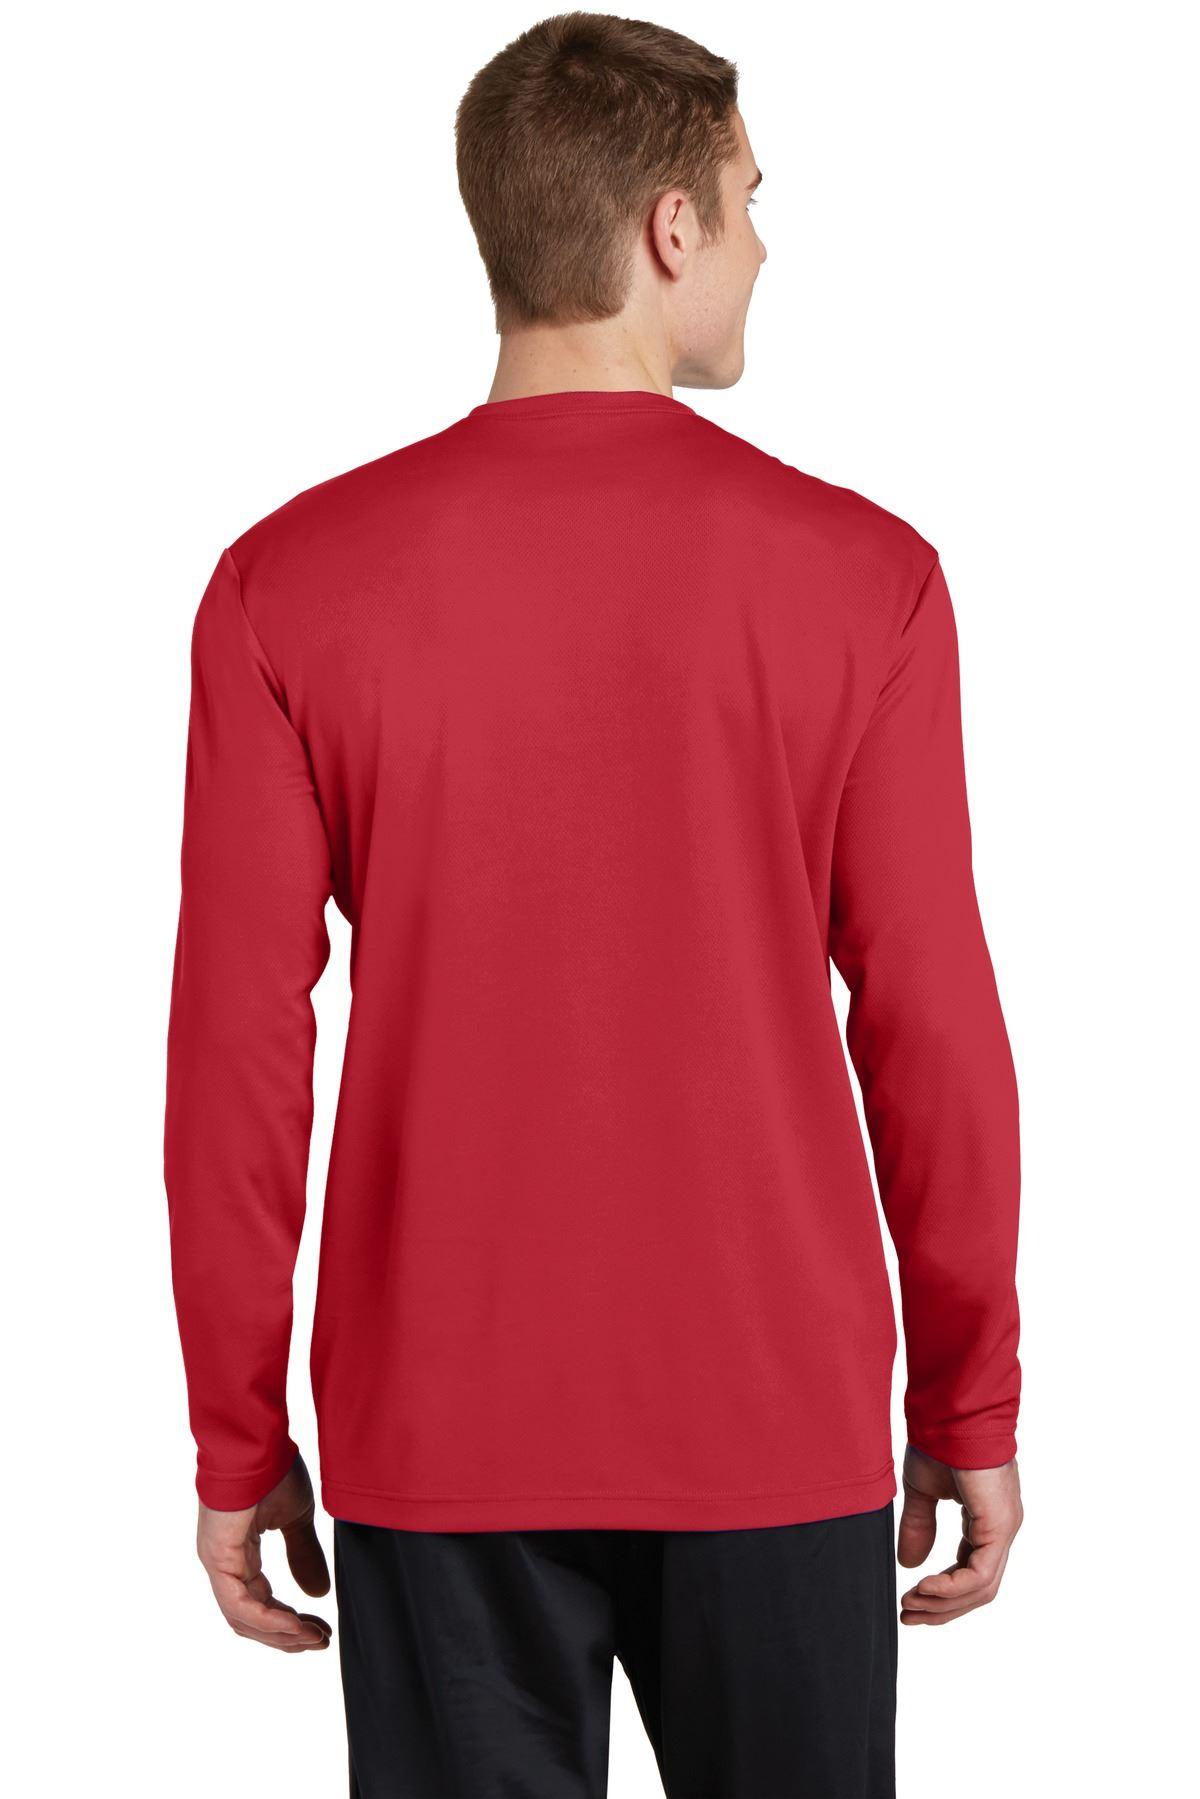 thumbnail 21 - Sport-Tek Men's Dry-Fit RacerMesh Moisture Wicking Long Sleeve T-Shirt ST340LS